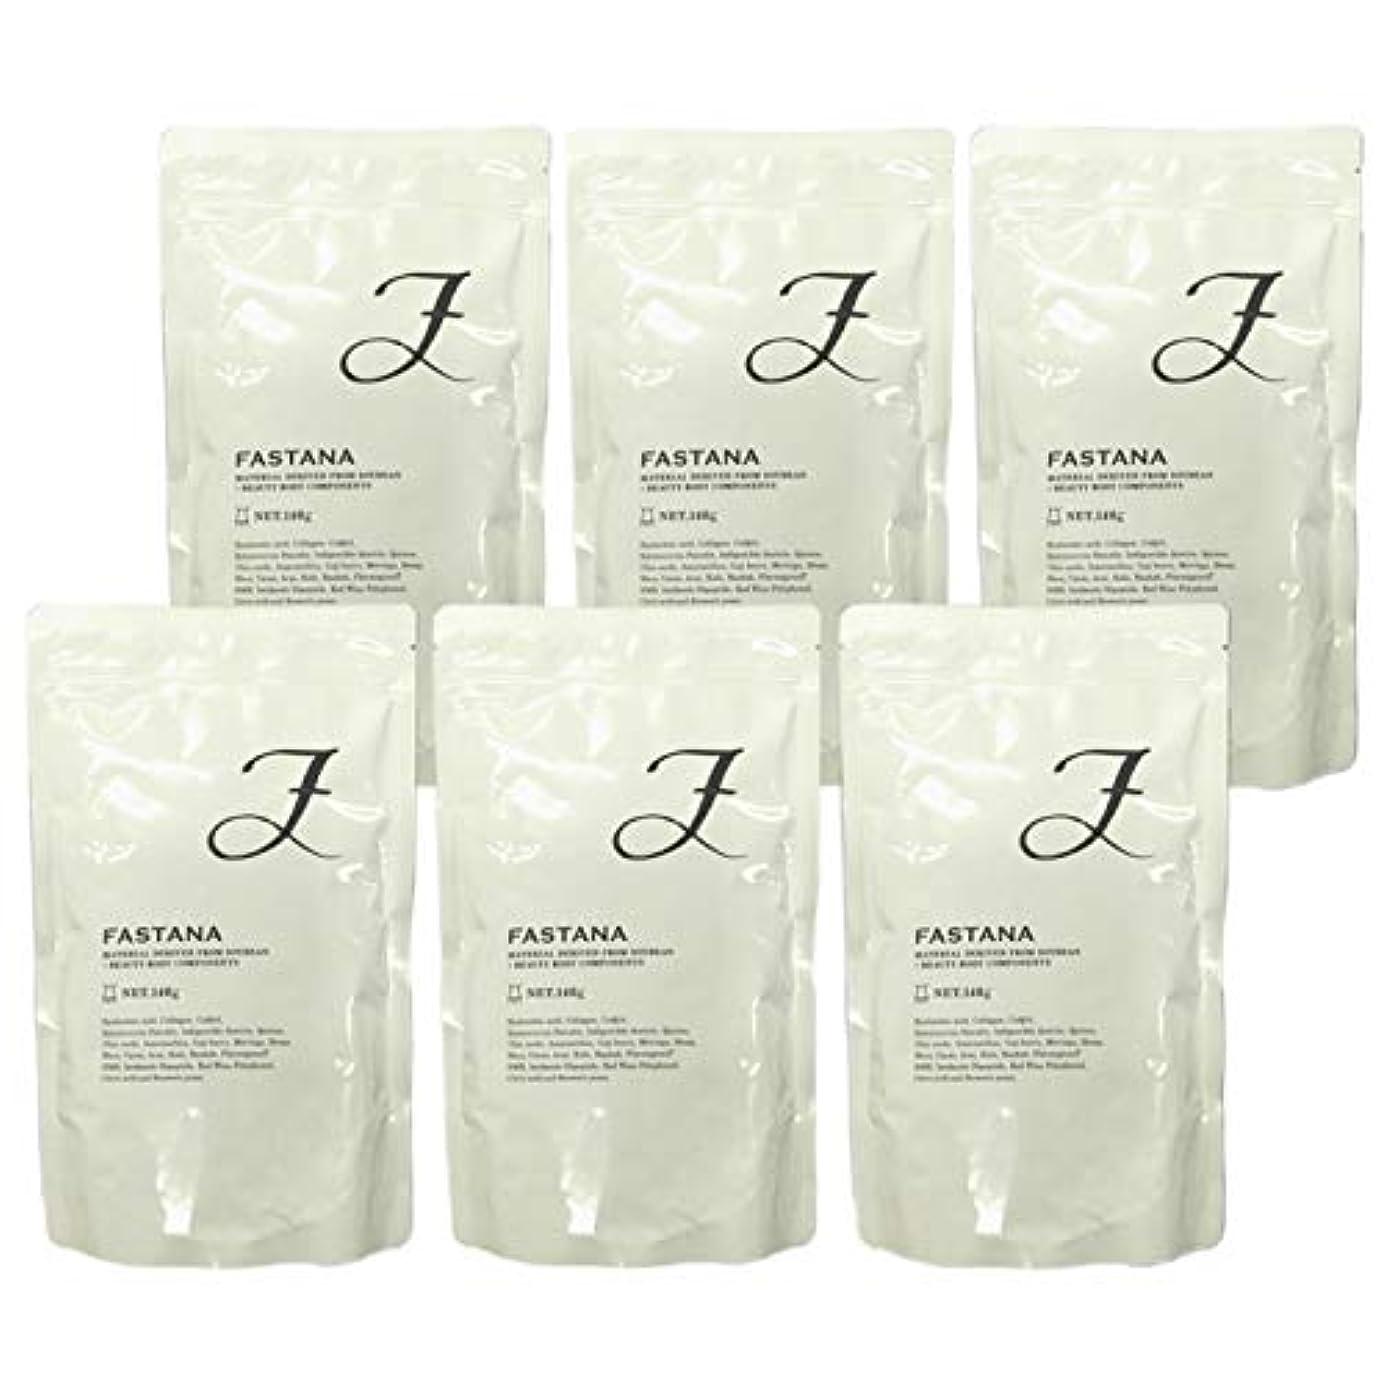 丁寧体系的にタヒチFASTANA ファスタナ 6袋セット プロテインダイエット プロテインスムージー